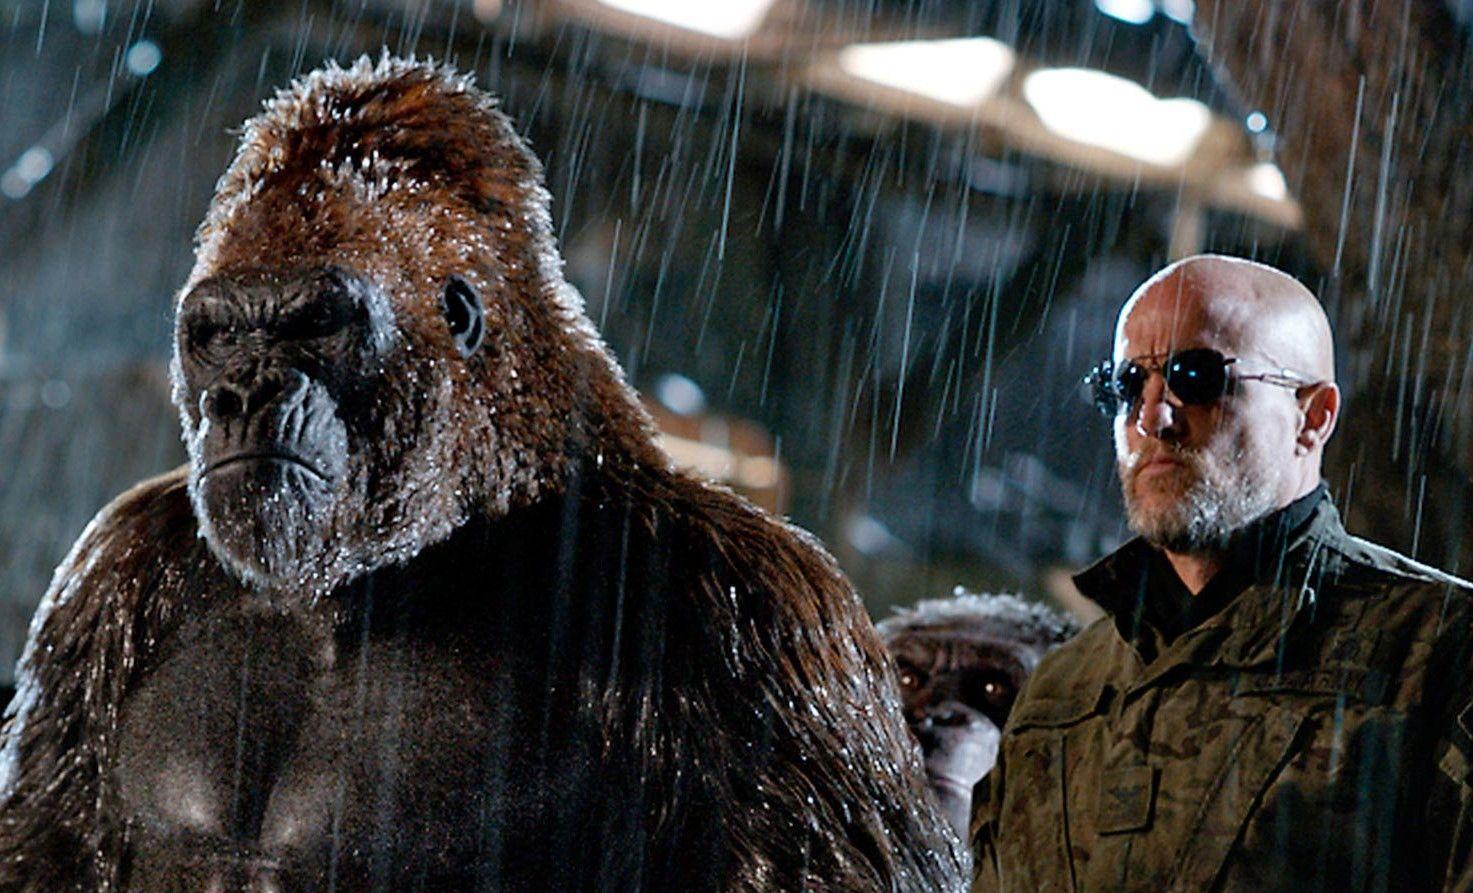 Animal Instincts Movie Watch Online watch war for the planet of the apes online | planet of the